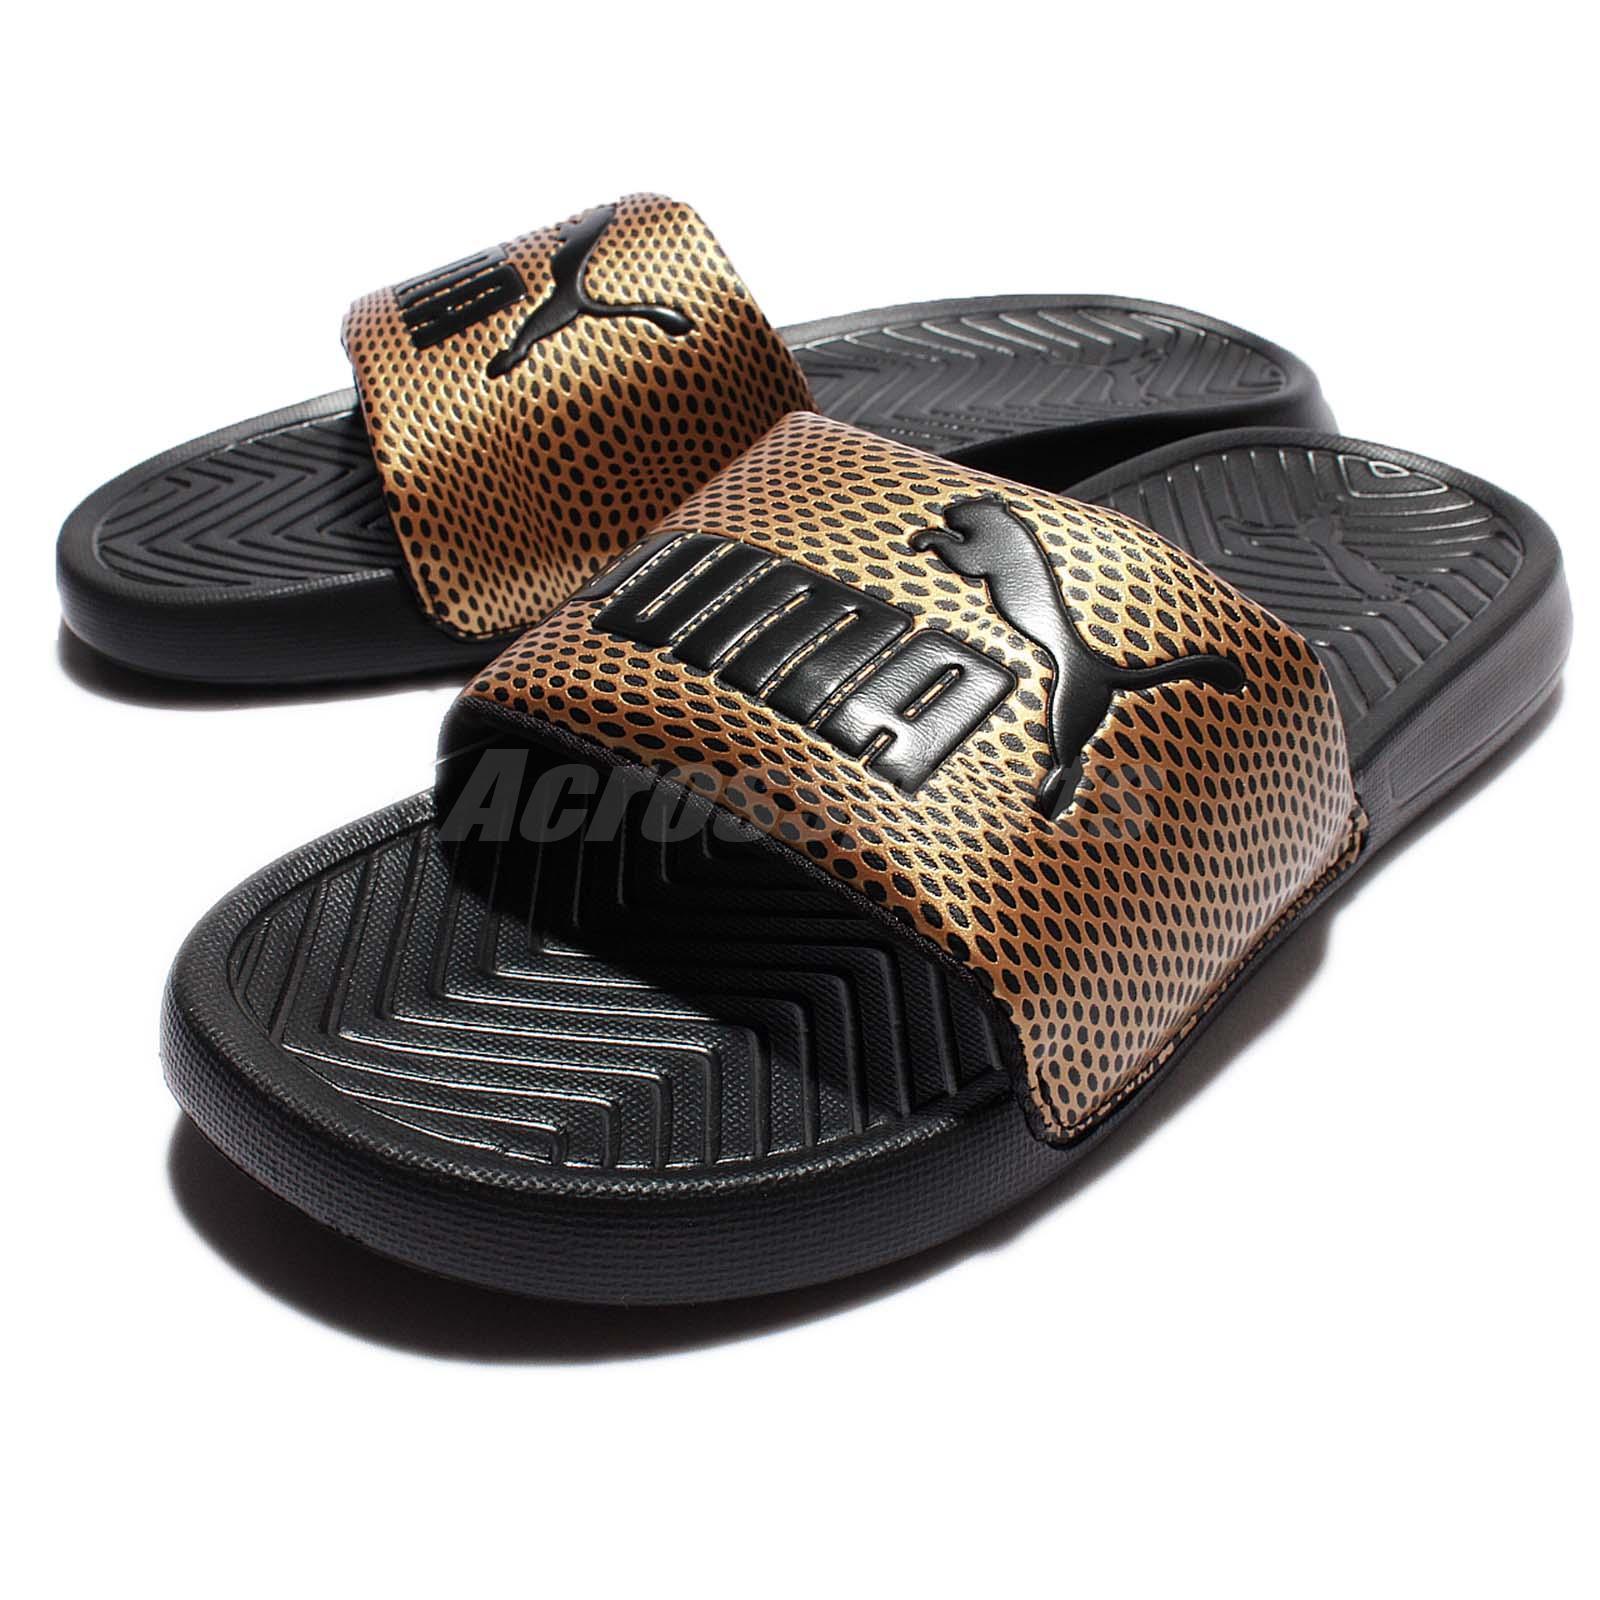 3a3f0f26f484 ... sweden puma slides gold d6b0d ca0e7 sweden puma slides gold d6b0d  ca0e7  usa puma leadcat suede black gold men women slippers sliders sandal  ...